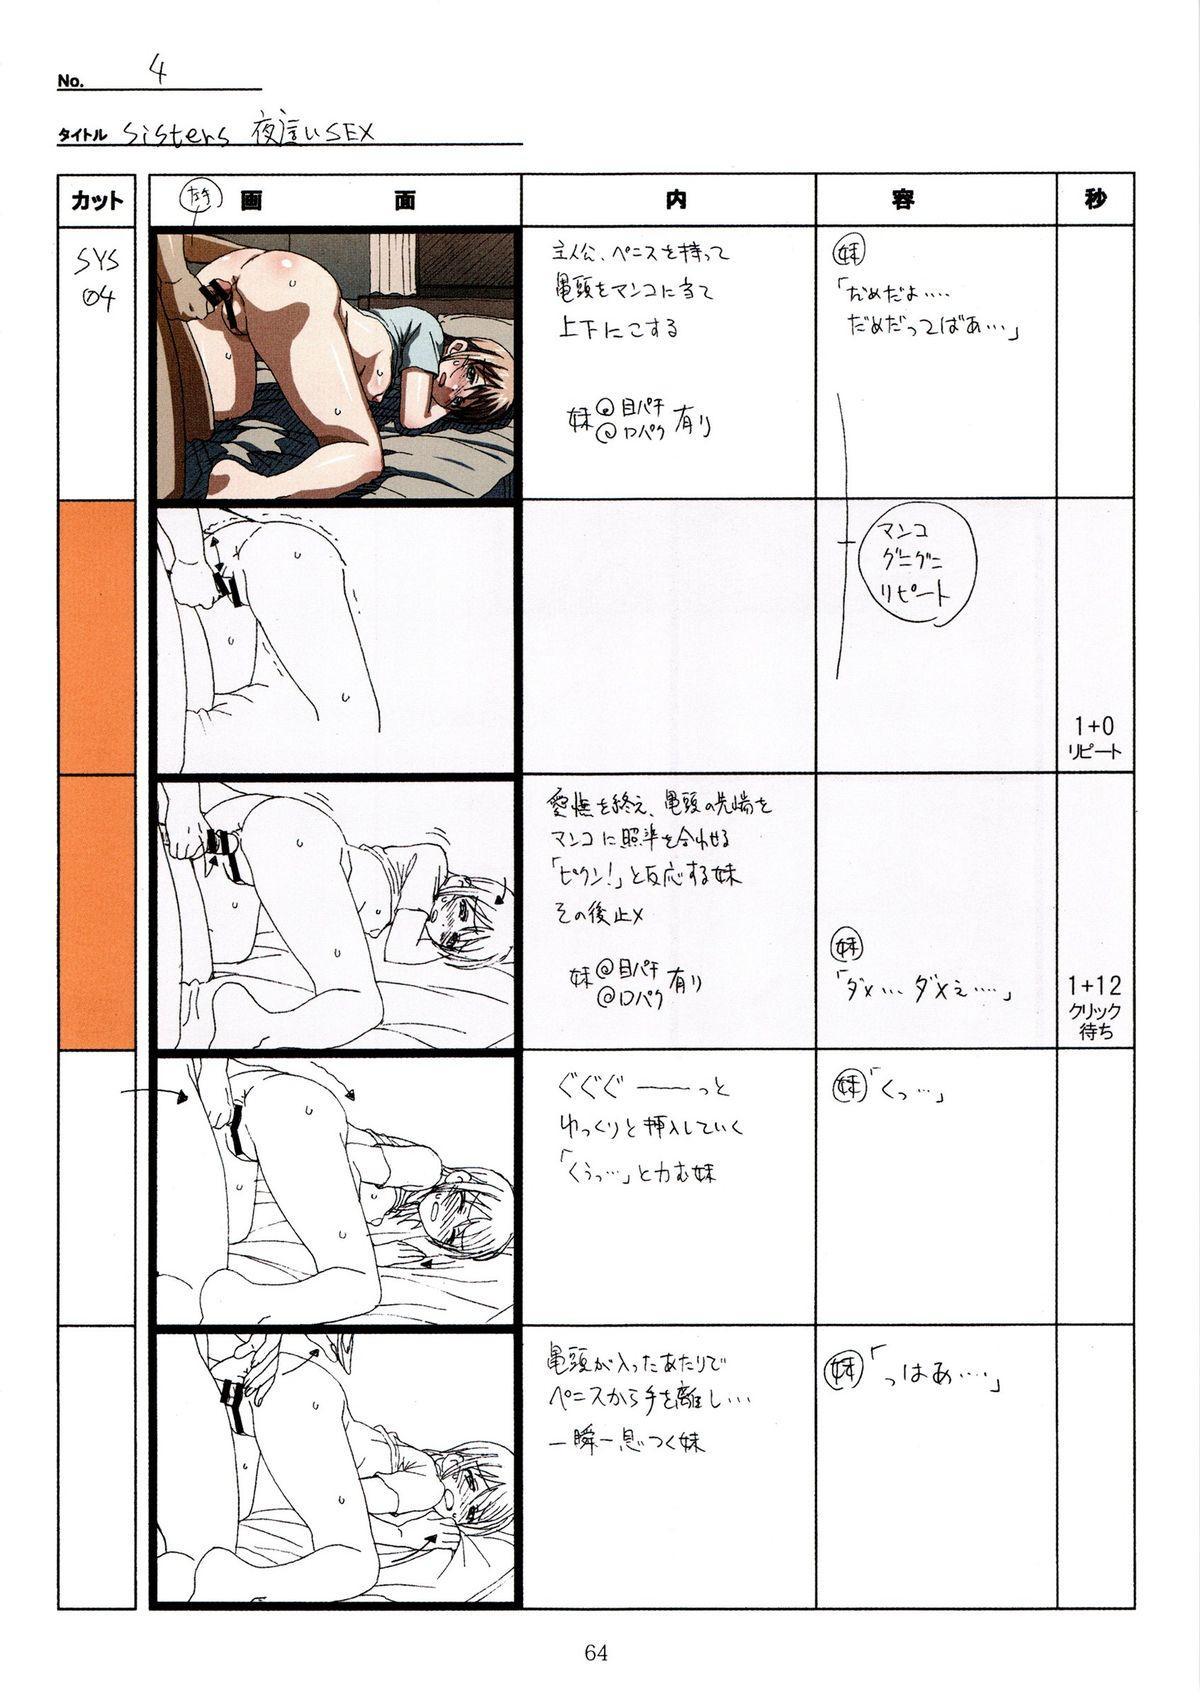 (C89) [Makino Jimusho (Taki Minashika)] SISTERS -Natsu no Saigo no Hi- H Scene All Part Storyboard (SISTERS -Natsu no Saigo no Hi-) 63